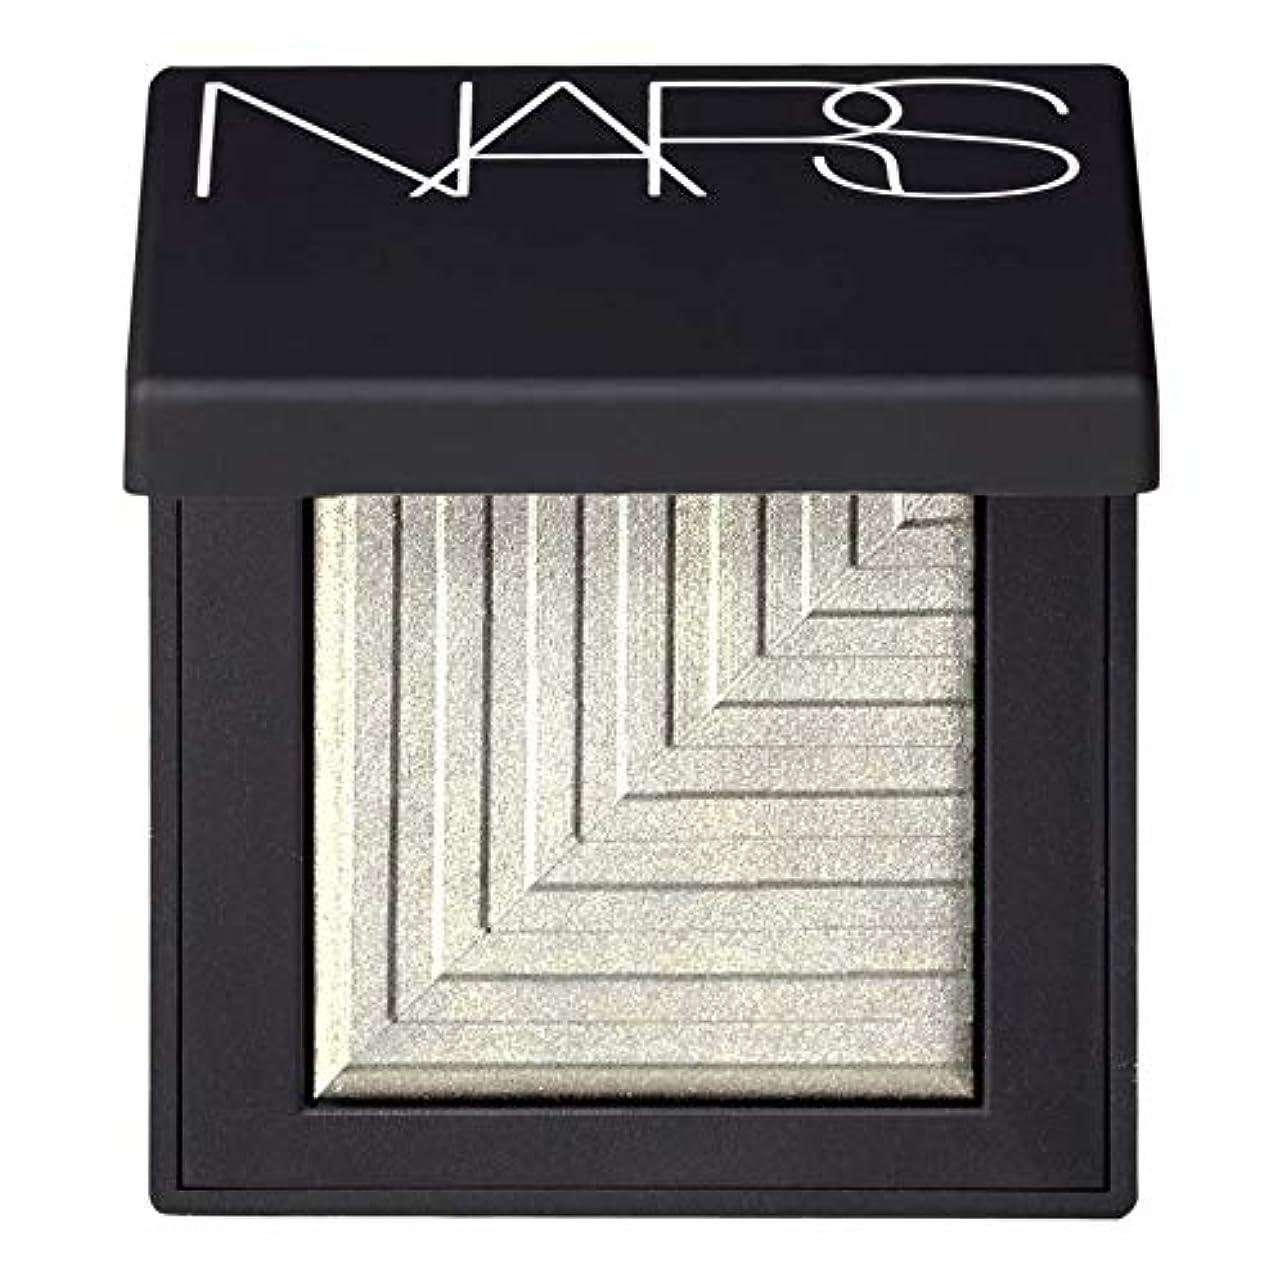 り独占自治[NARS] Narはデュアル強度アイシャドウアンタレス - Nars Dual Intensity Eyeshadow Antares [並行輸入品]